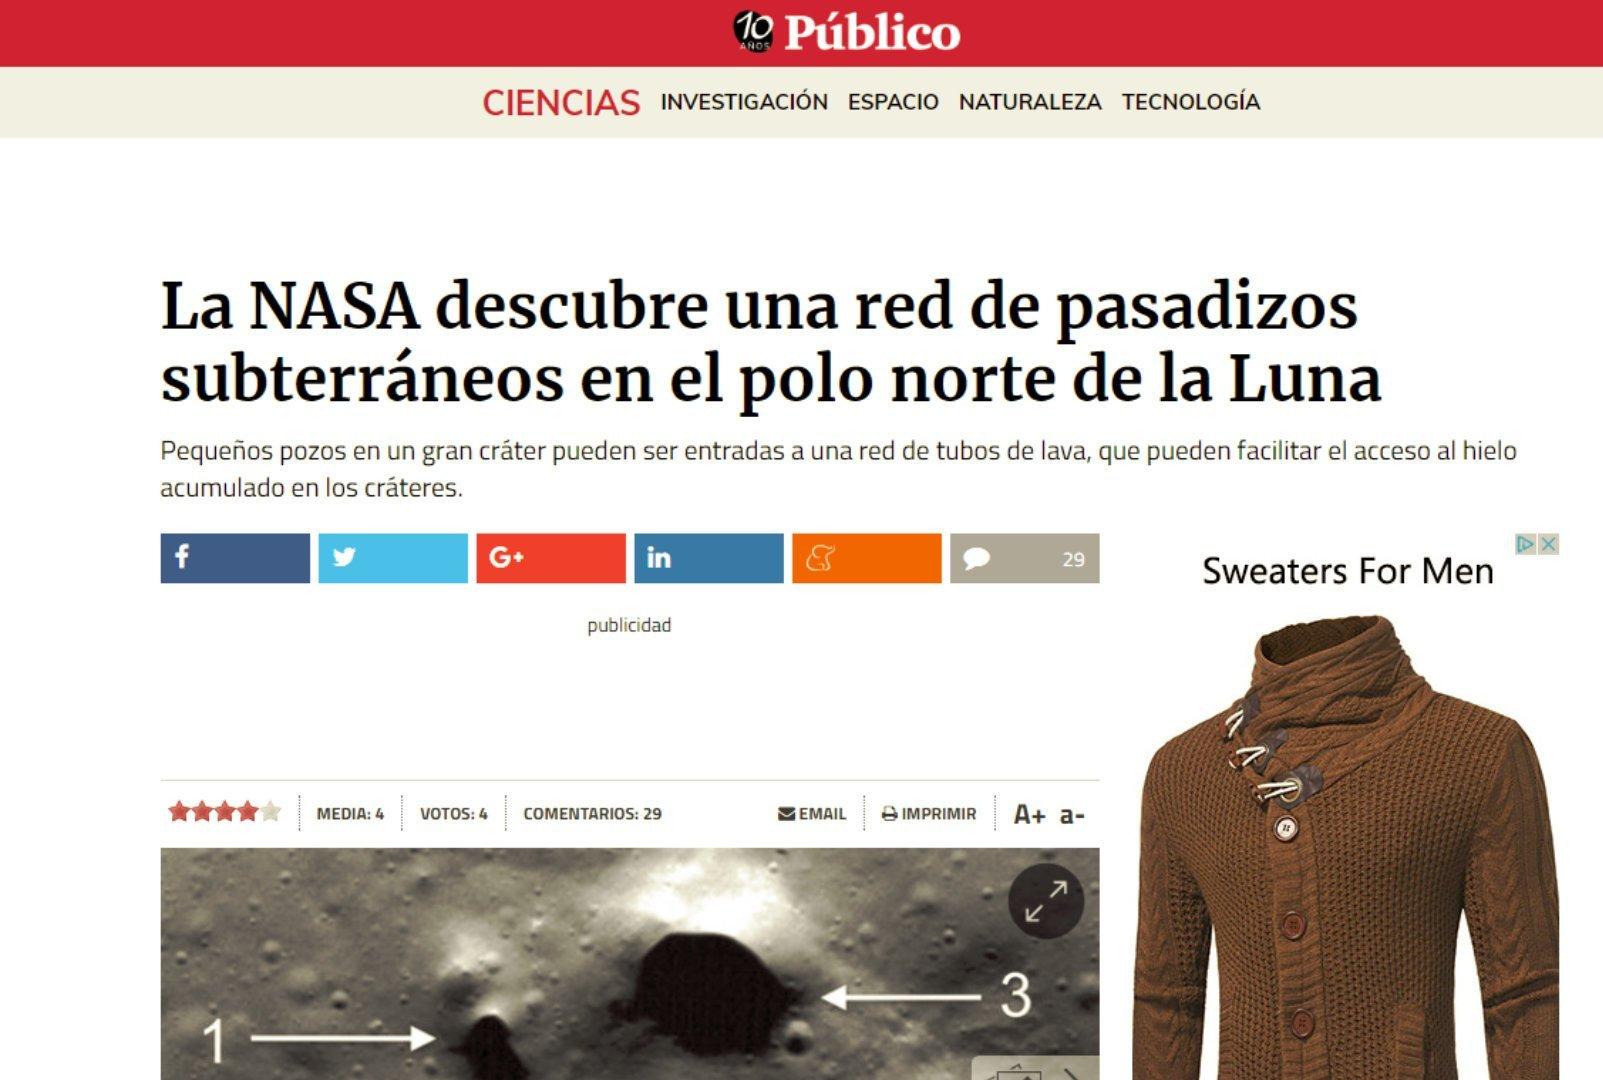 Titular del Periódico público sobre la noticia del descubrimiento de una red de pasadizos subterráneos en el polo norte de la Luna. Simplemente equivocada.